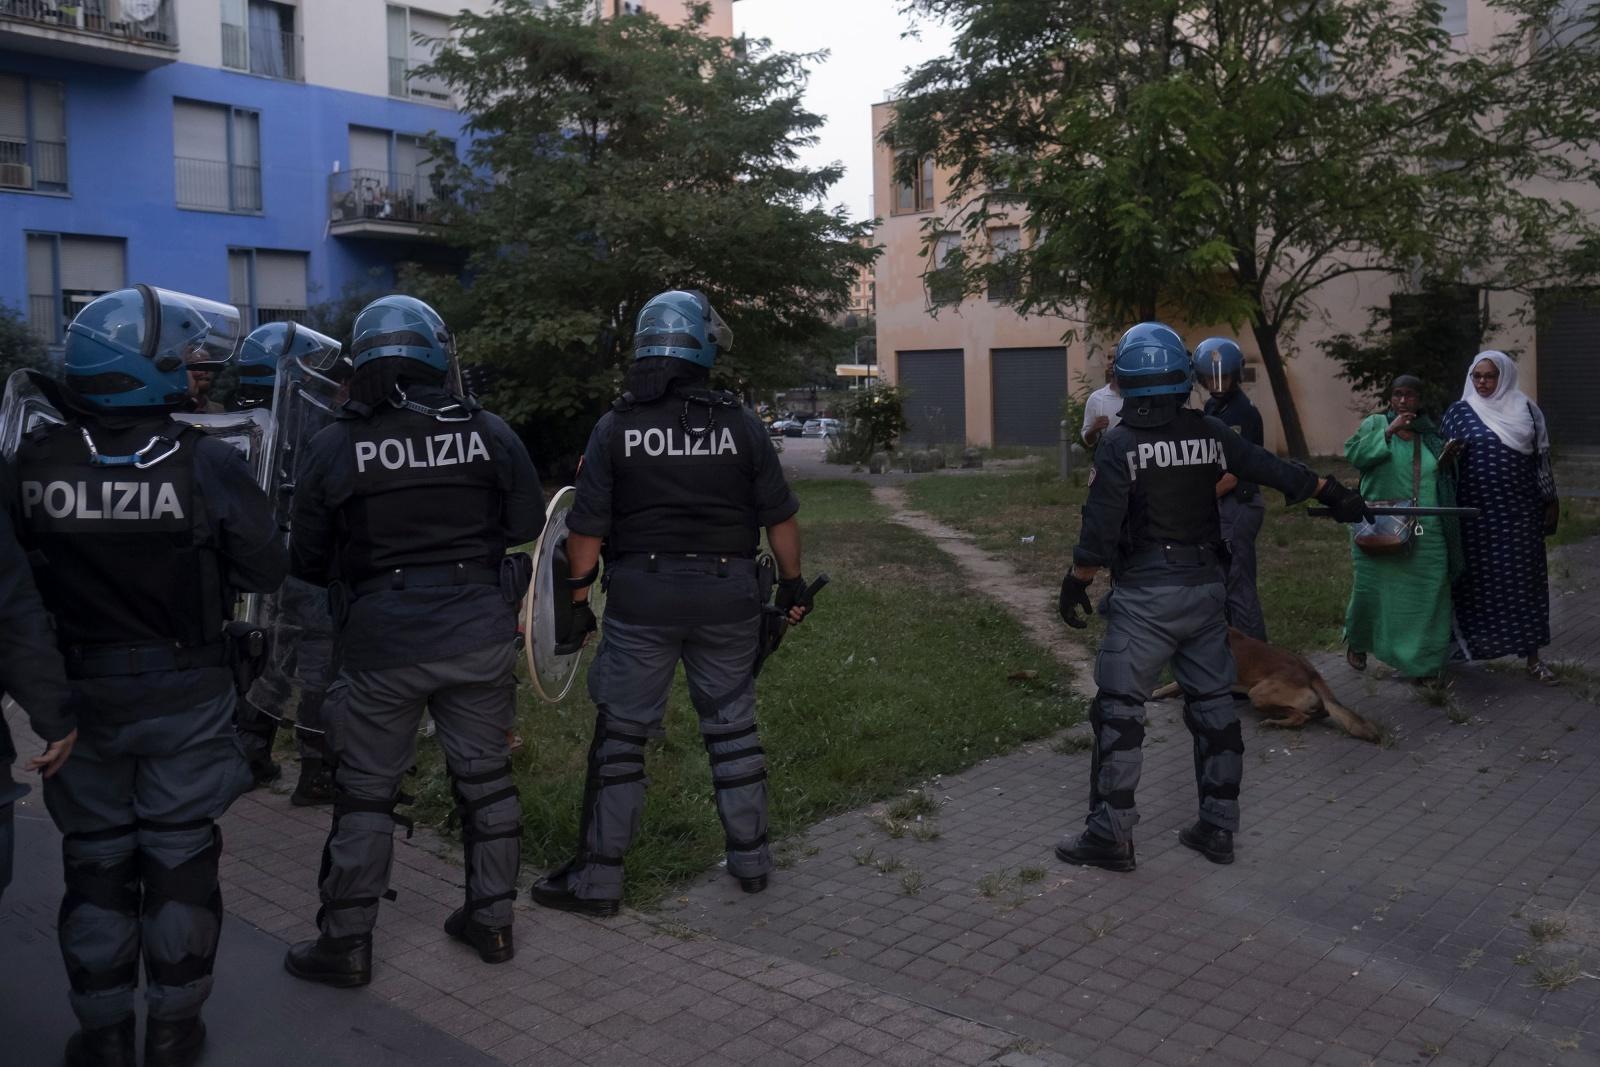 Sgombero di una delle quattro palazzine occupata dai migranti nell'ex villaggio olimpico di Torino da parte delle Forze dell'ordine della Polizia